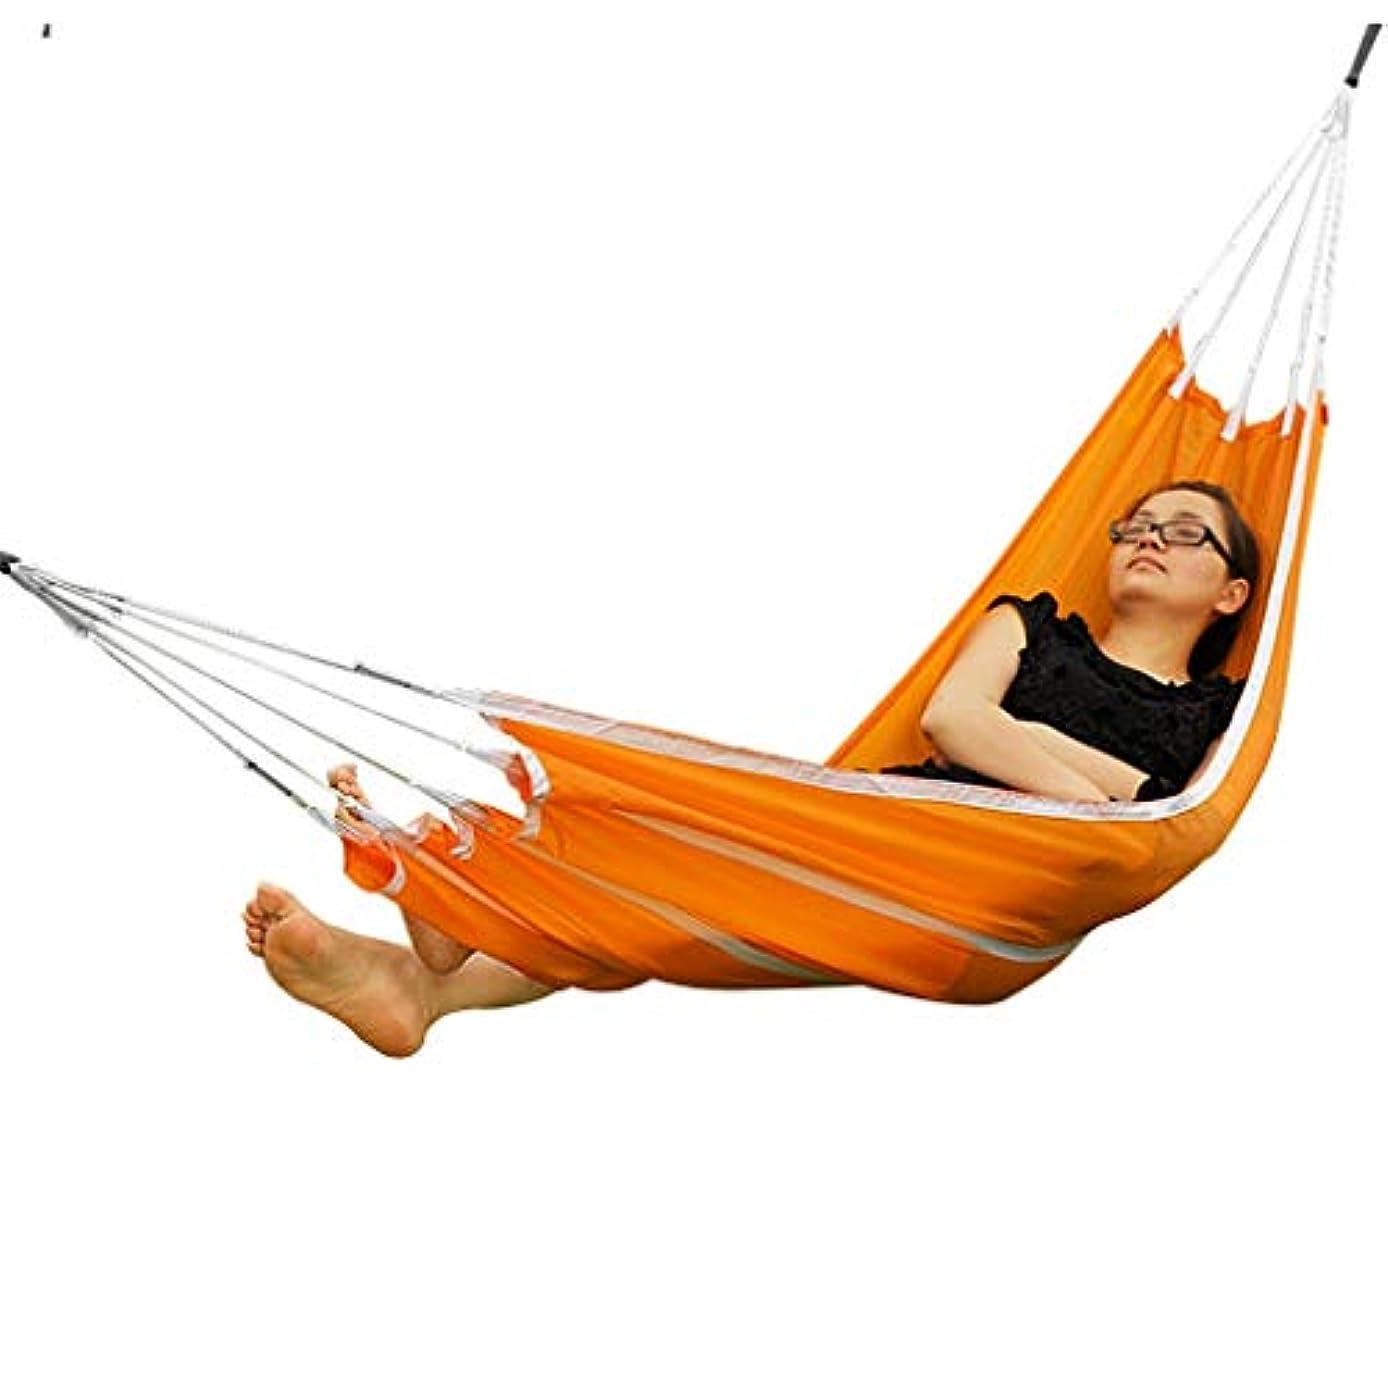 ピストンライフル昆虫ハンモック ハンモックガーデンハンモック アウトドアキャンプスイングハンモック 屋内シングルレジャーハンモック ポータブル簡単収納 耐荷重90kg (Color : Orange, Size : 190*72cm)